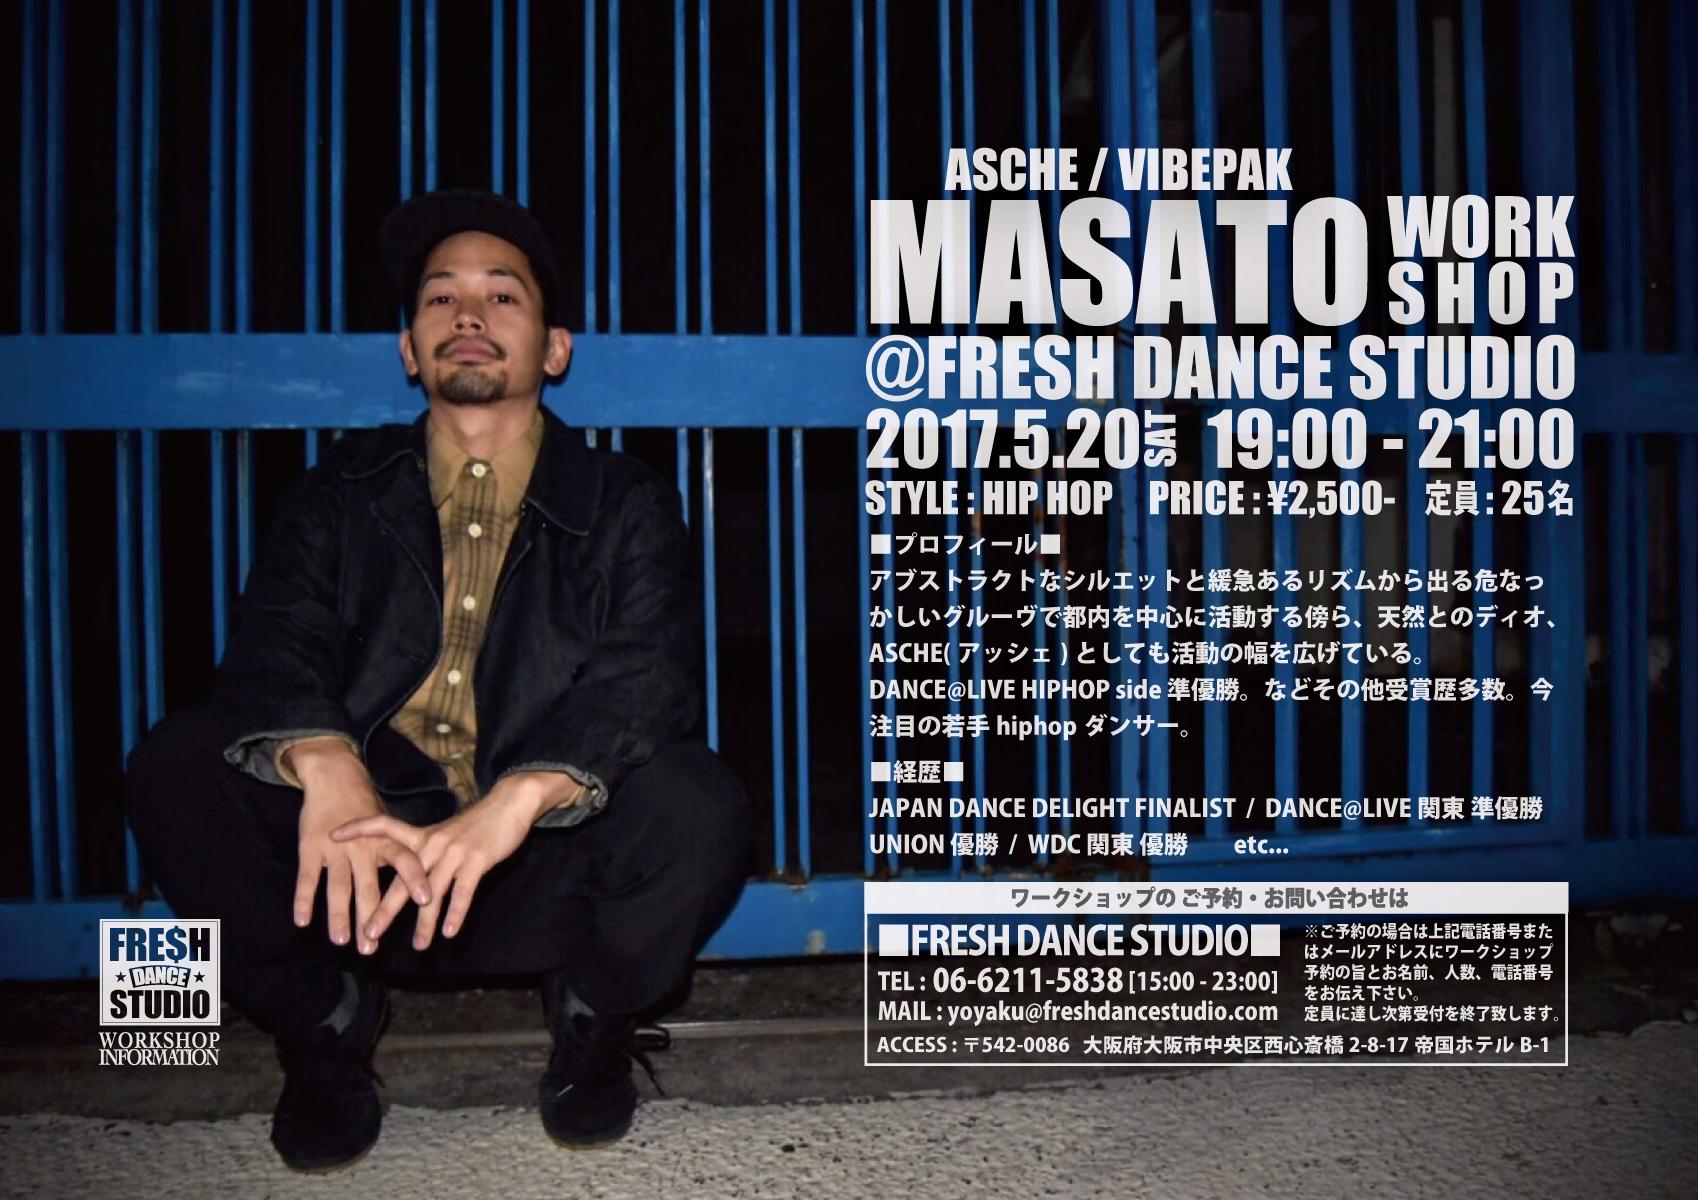 2017-05-MASATO-POP-A4-01